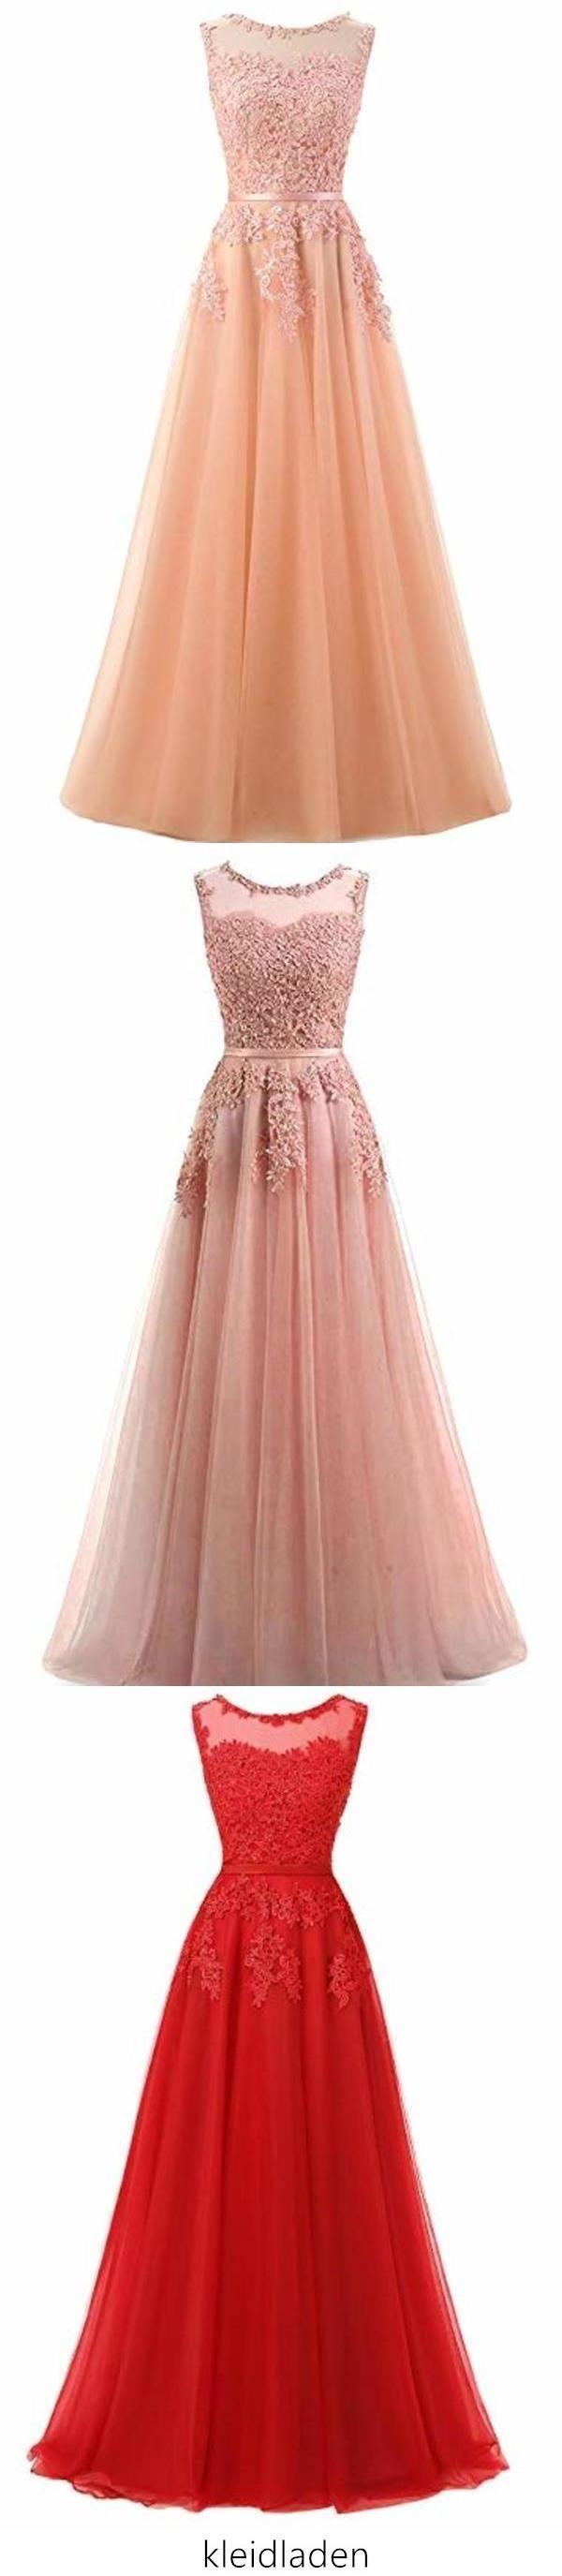 Schöne A-Line lange Spitze Tüll Reißverschluss Abendkleid